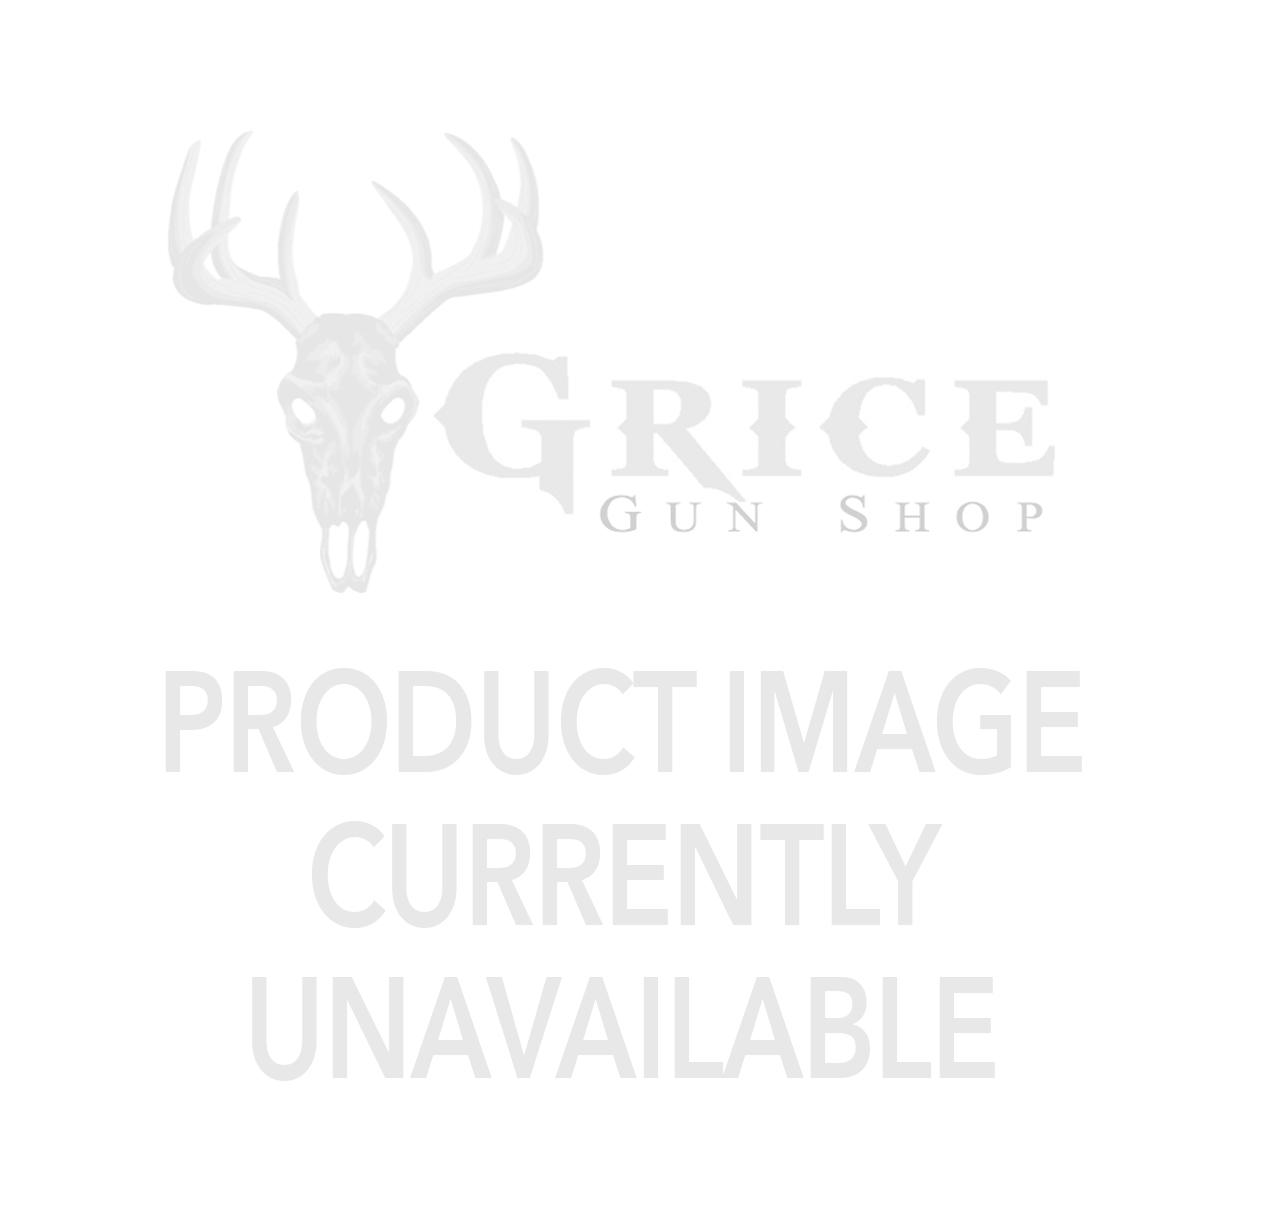 Lee Precision - Breech Lock Challenger Reloading Kit